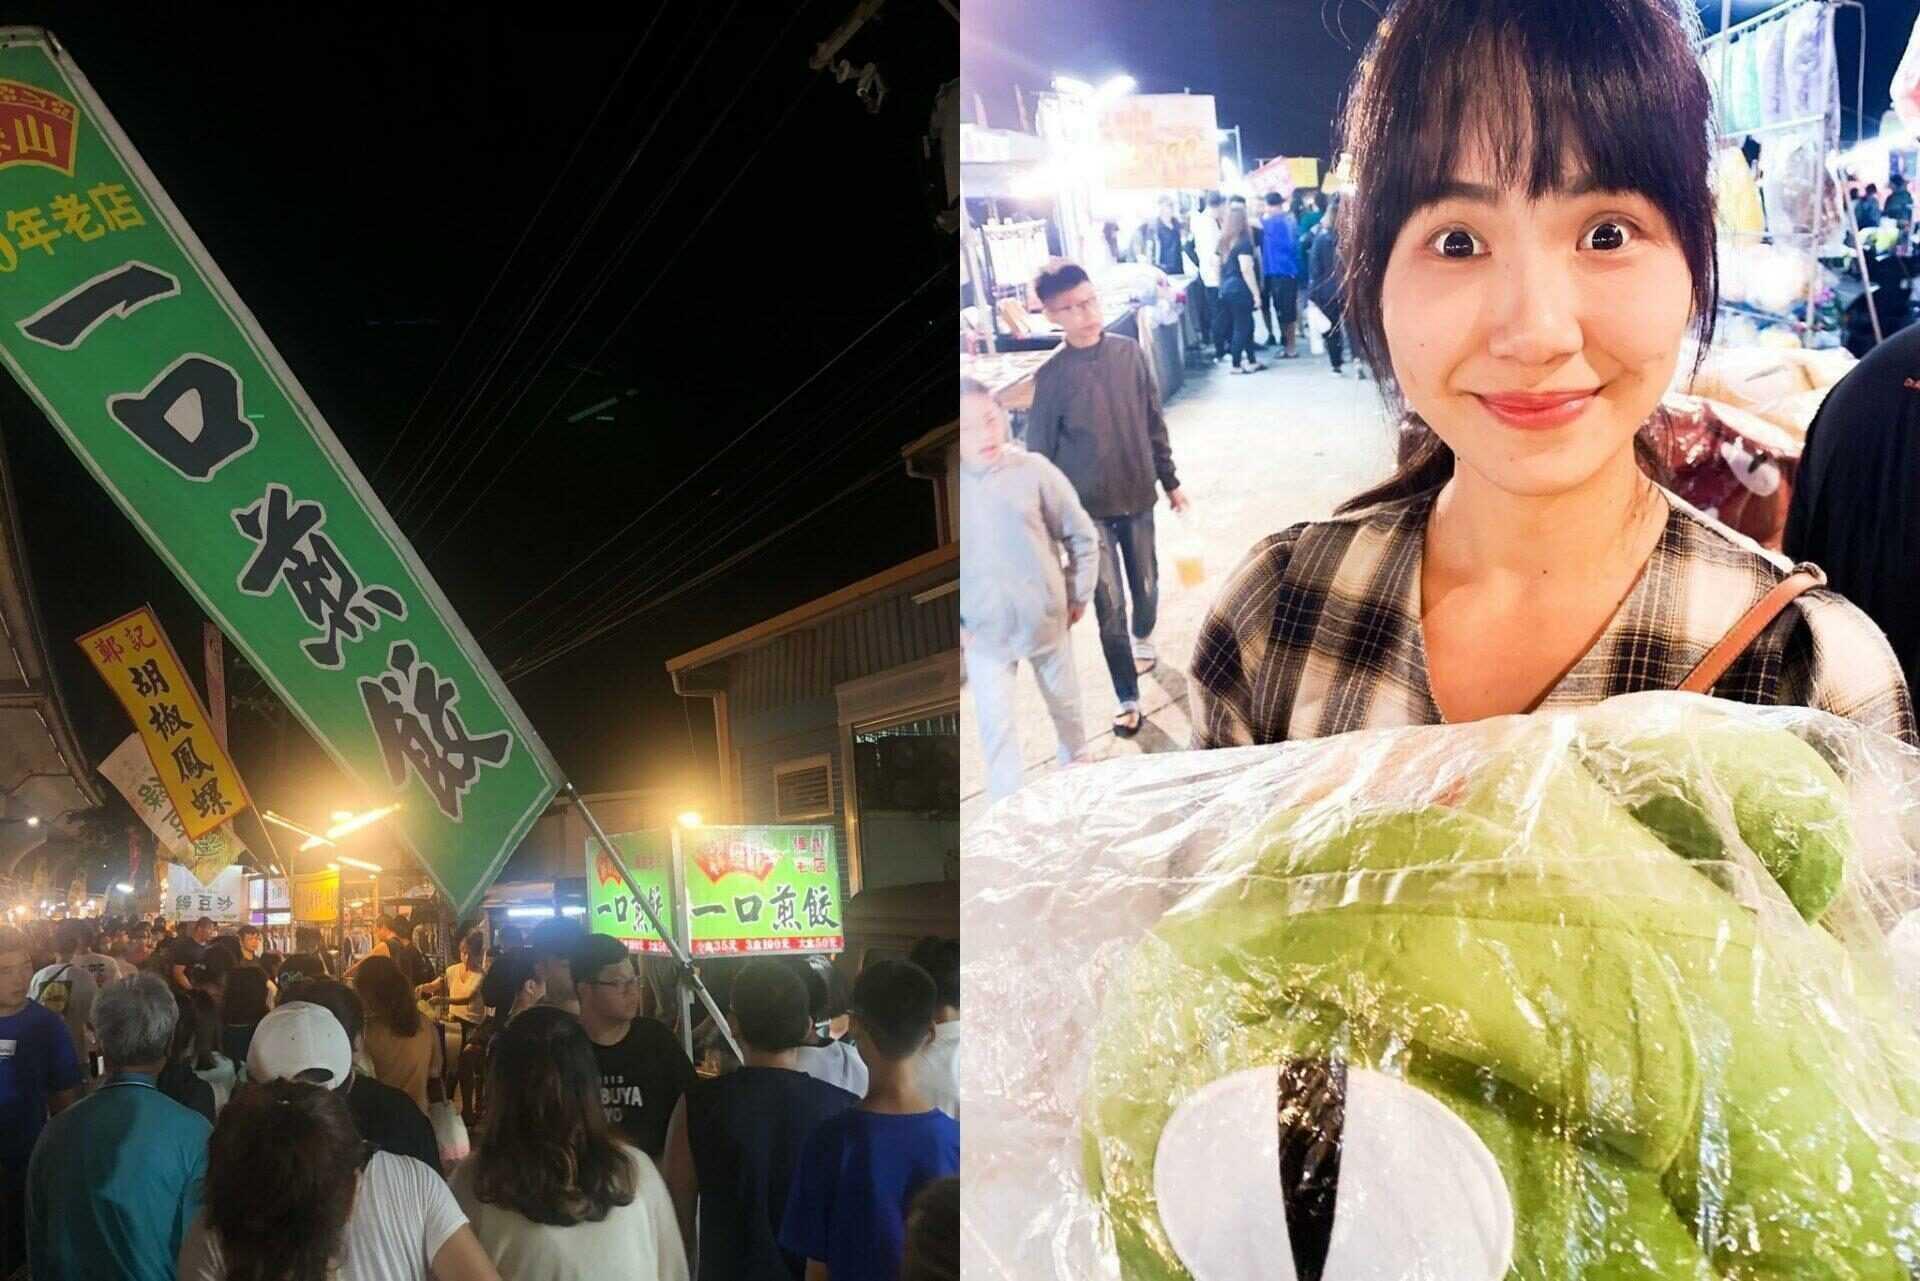 新竹夜市 | 新竹夜市美食人氣必吃必買小吃|新竹夜市懶人包